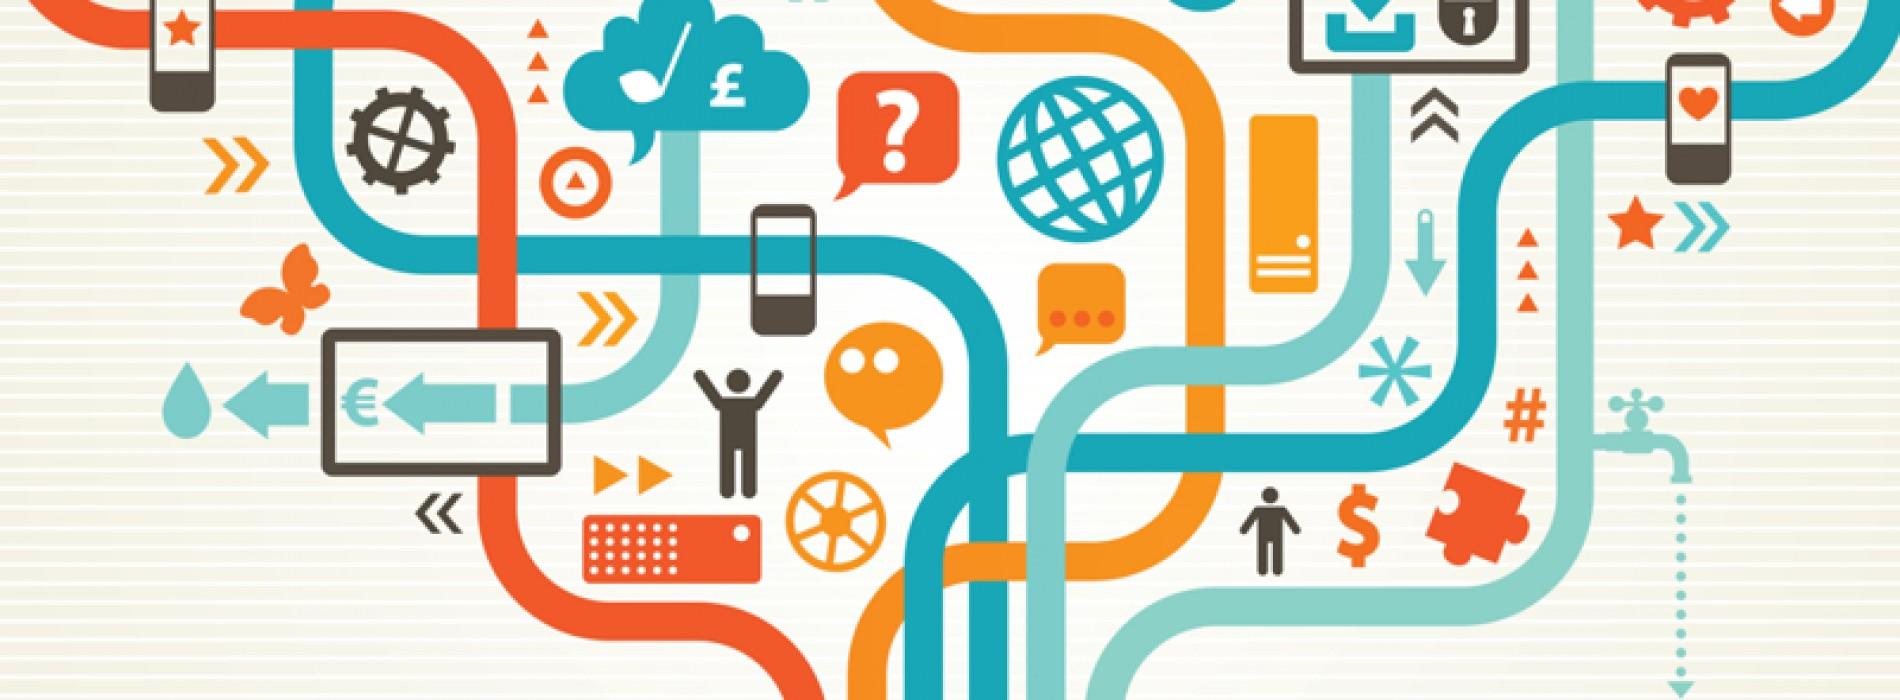 Obrazkowa komunikacja marketingowa – zdjęcia podbijają Internet